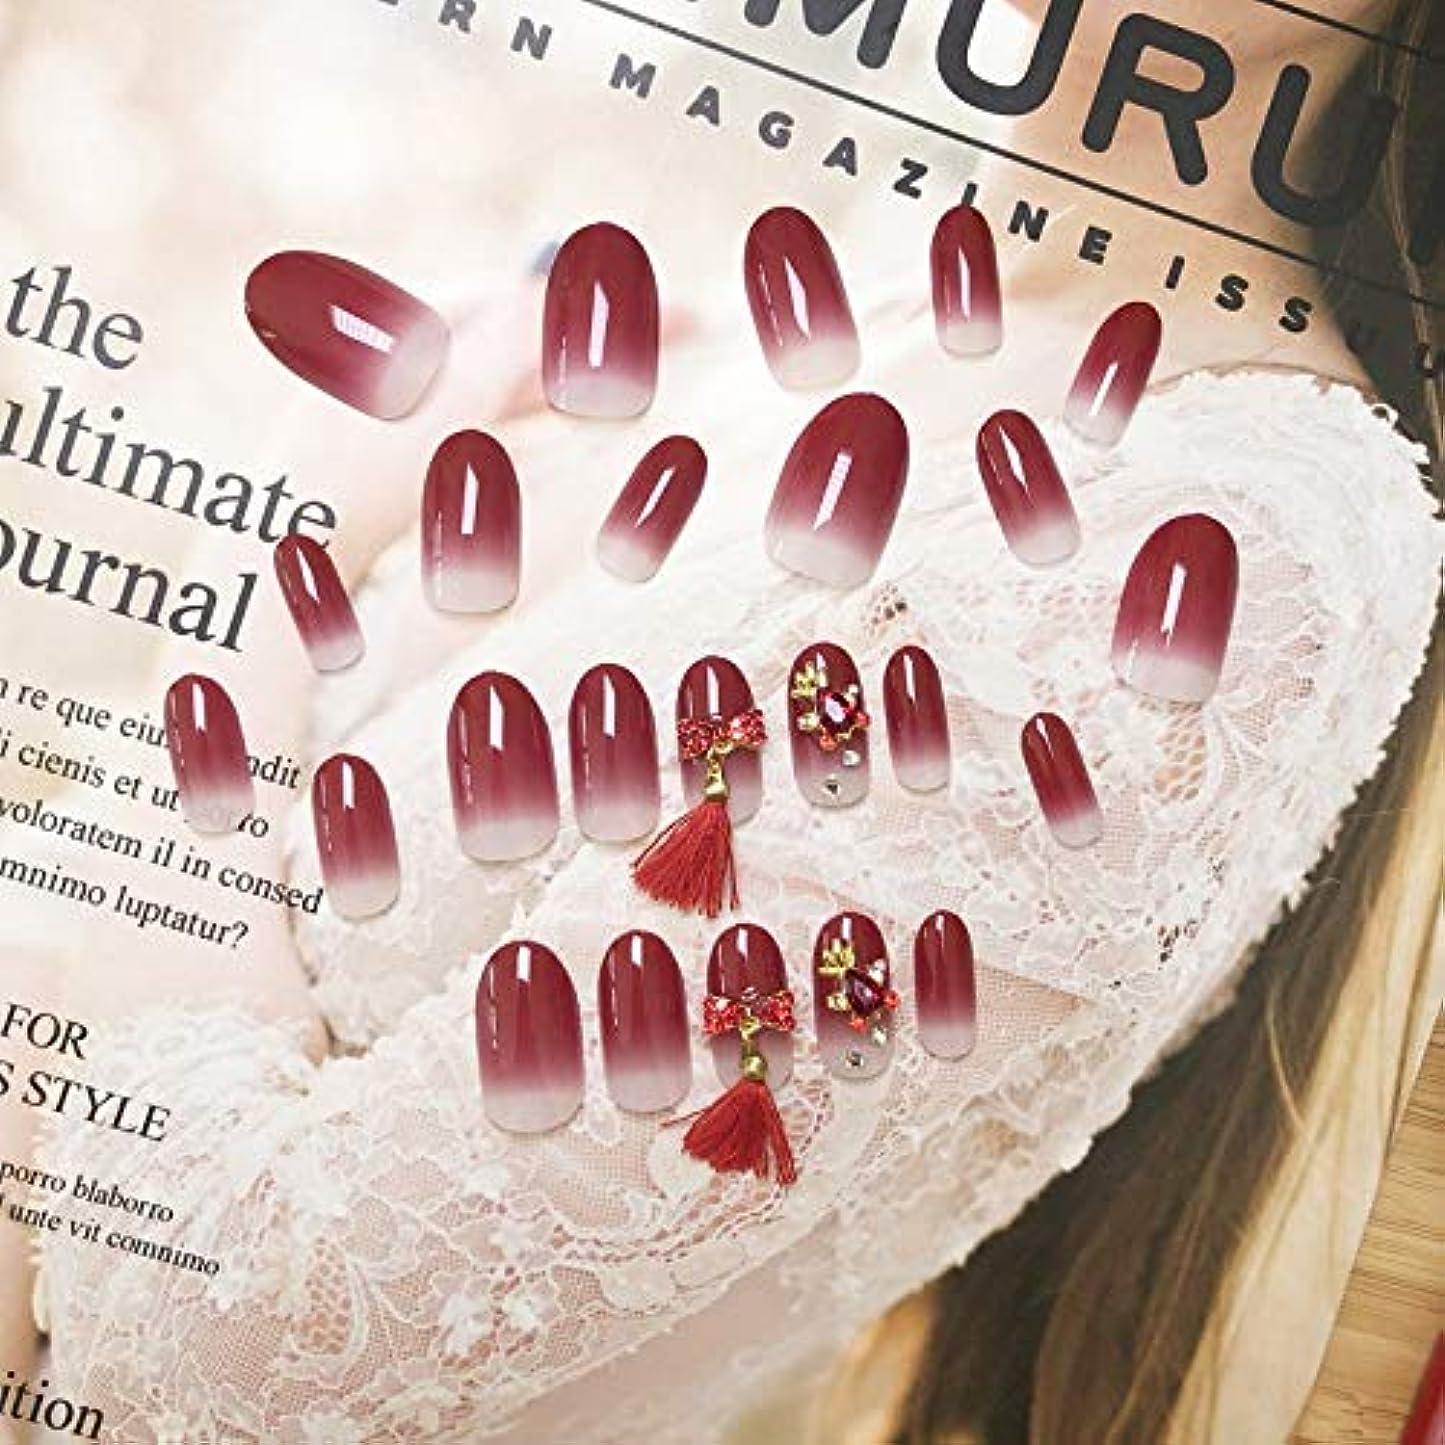 小間ナチュラルスーダンXUANHU HOME 偽爪キット24個入り赤グラデーション、タッセル偽爪、接着剤付き